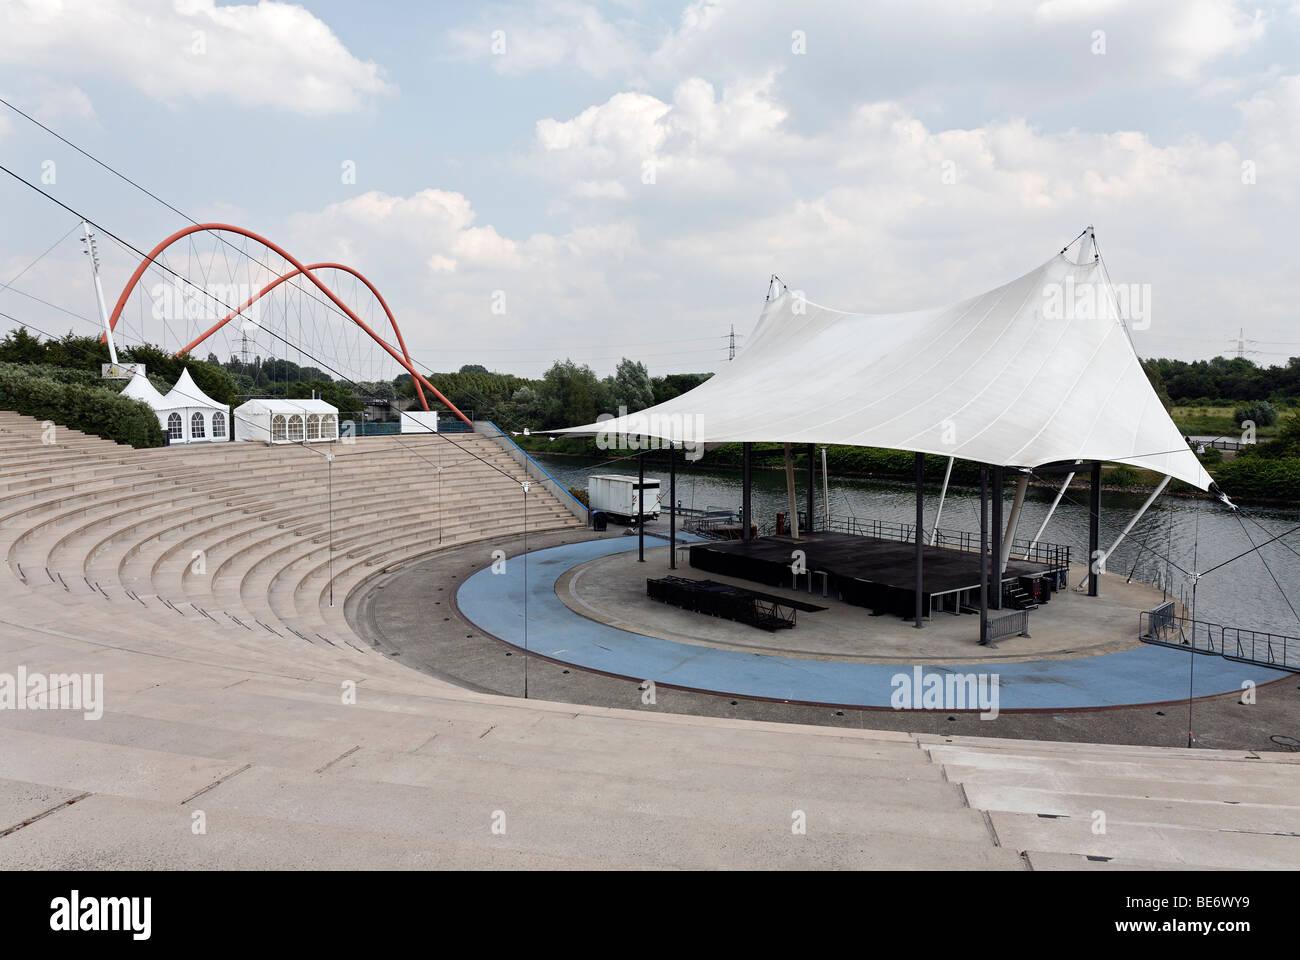 Gelsenkirchen Amphitheater